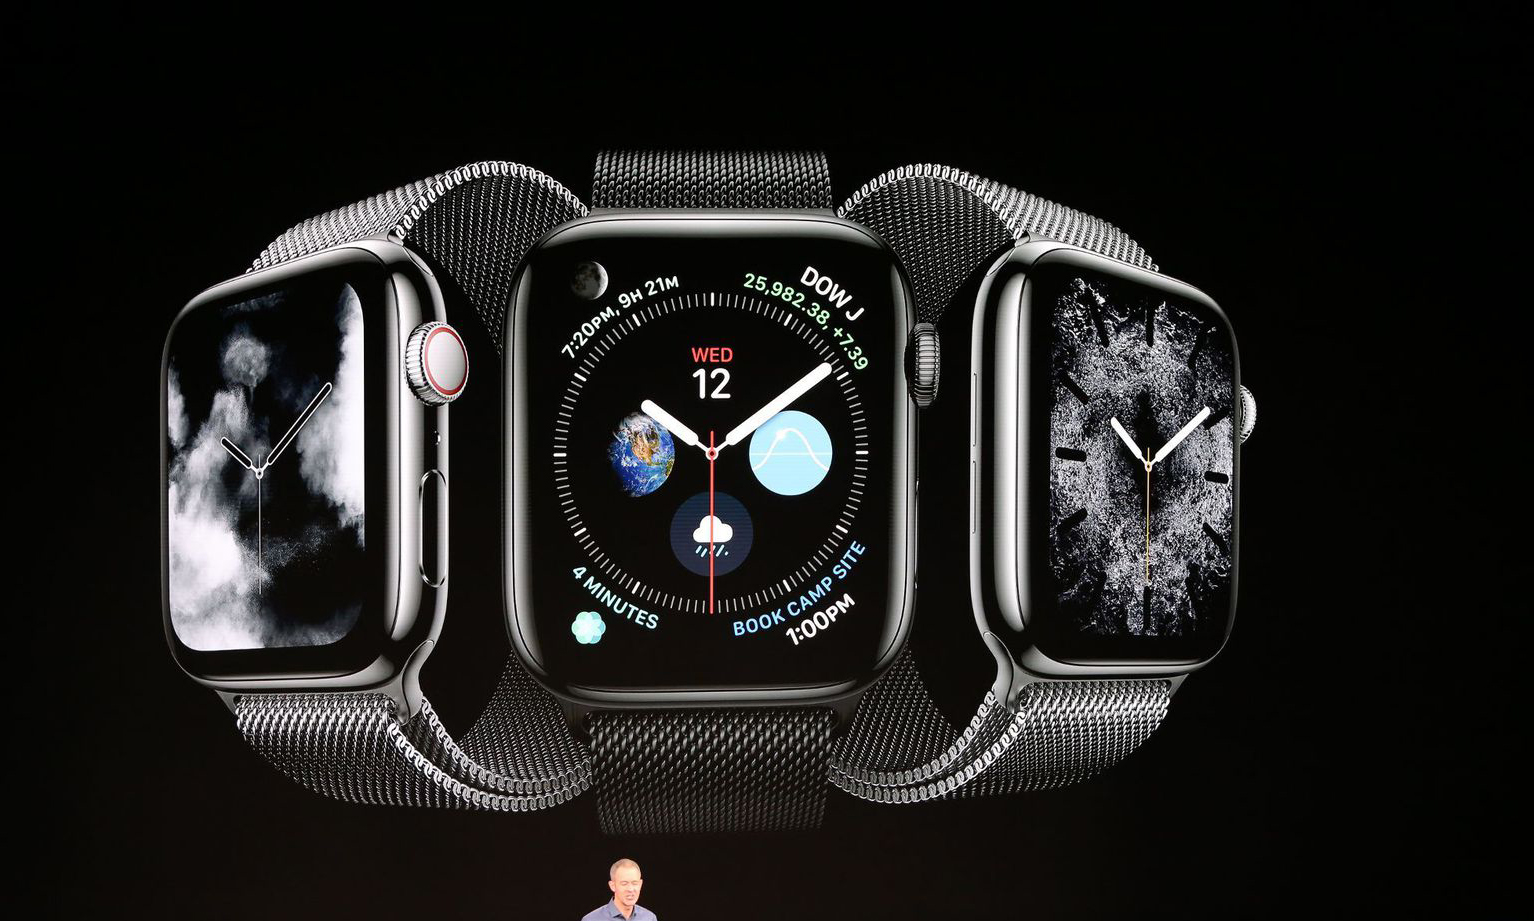 全新尺寸、更大屏幕的 Apple Watch Series 4 发布